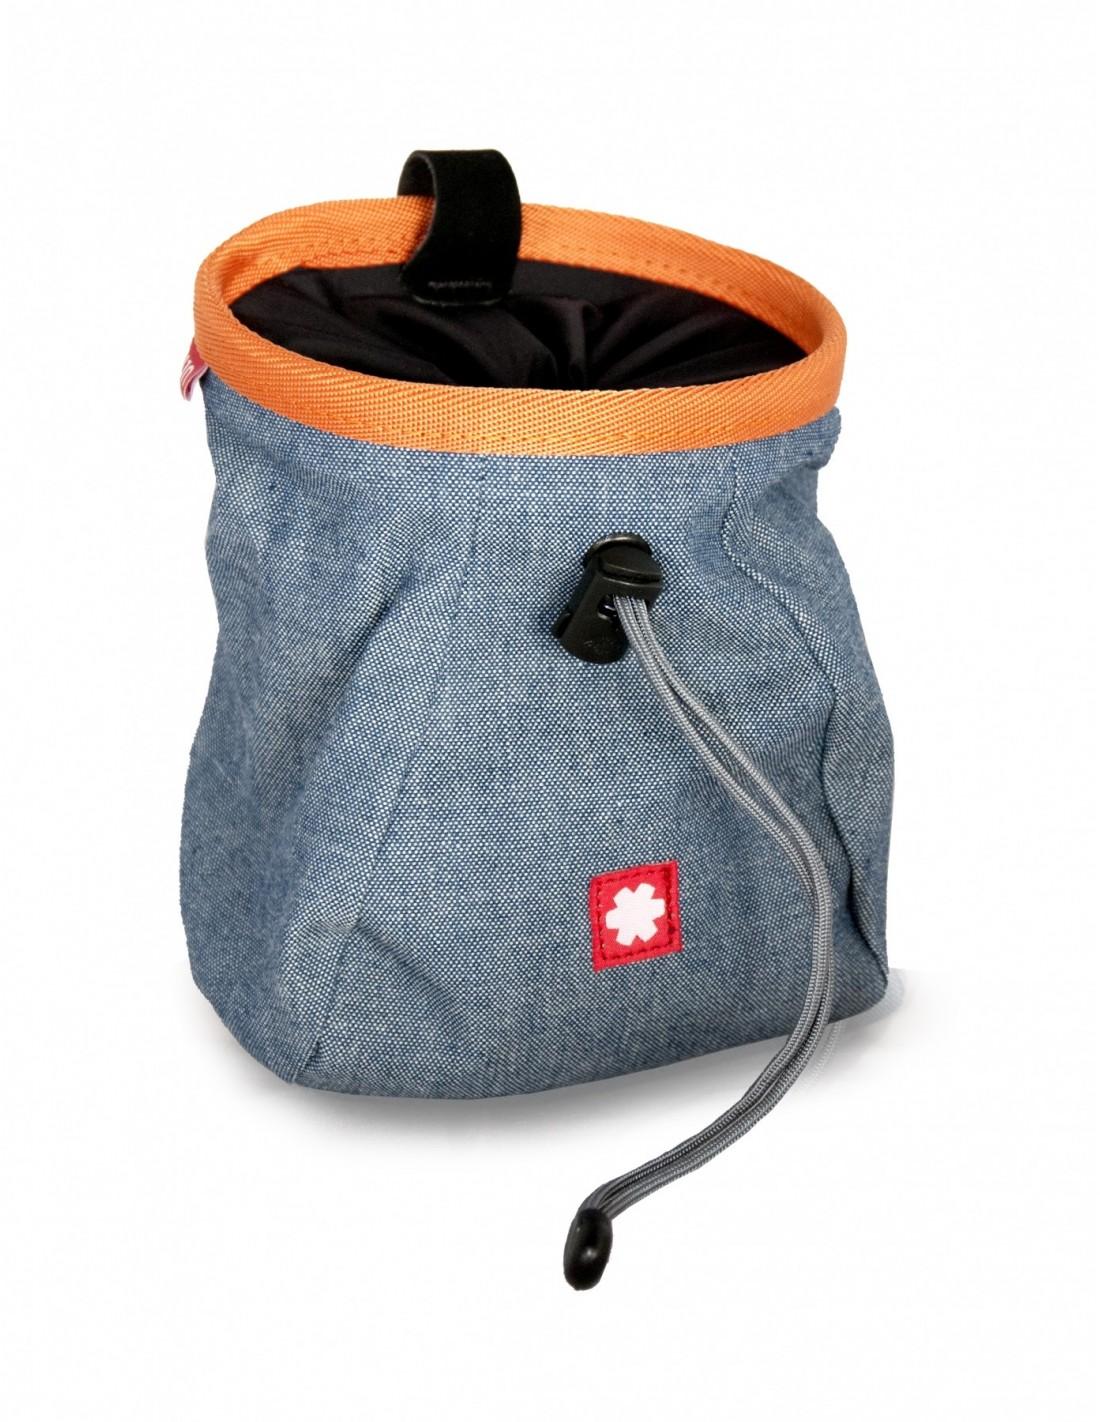 Ocun Chalkbag Lucky + Belt - Jeans Chalkbag Farbe - Sortiert, Chalkbag Verwendun